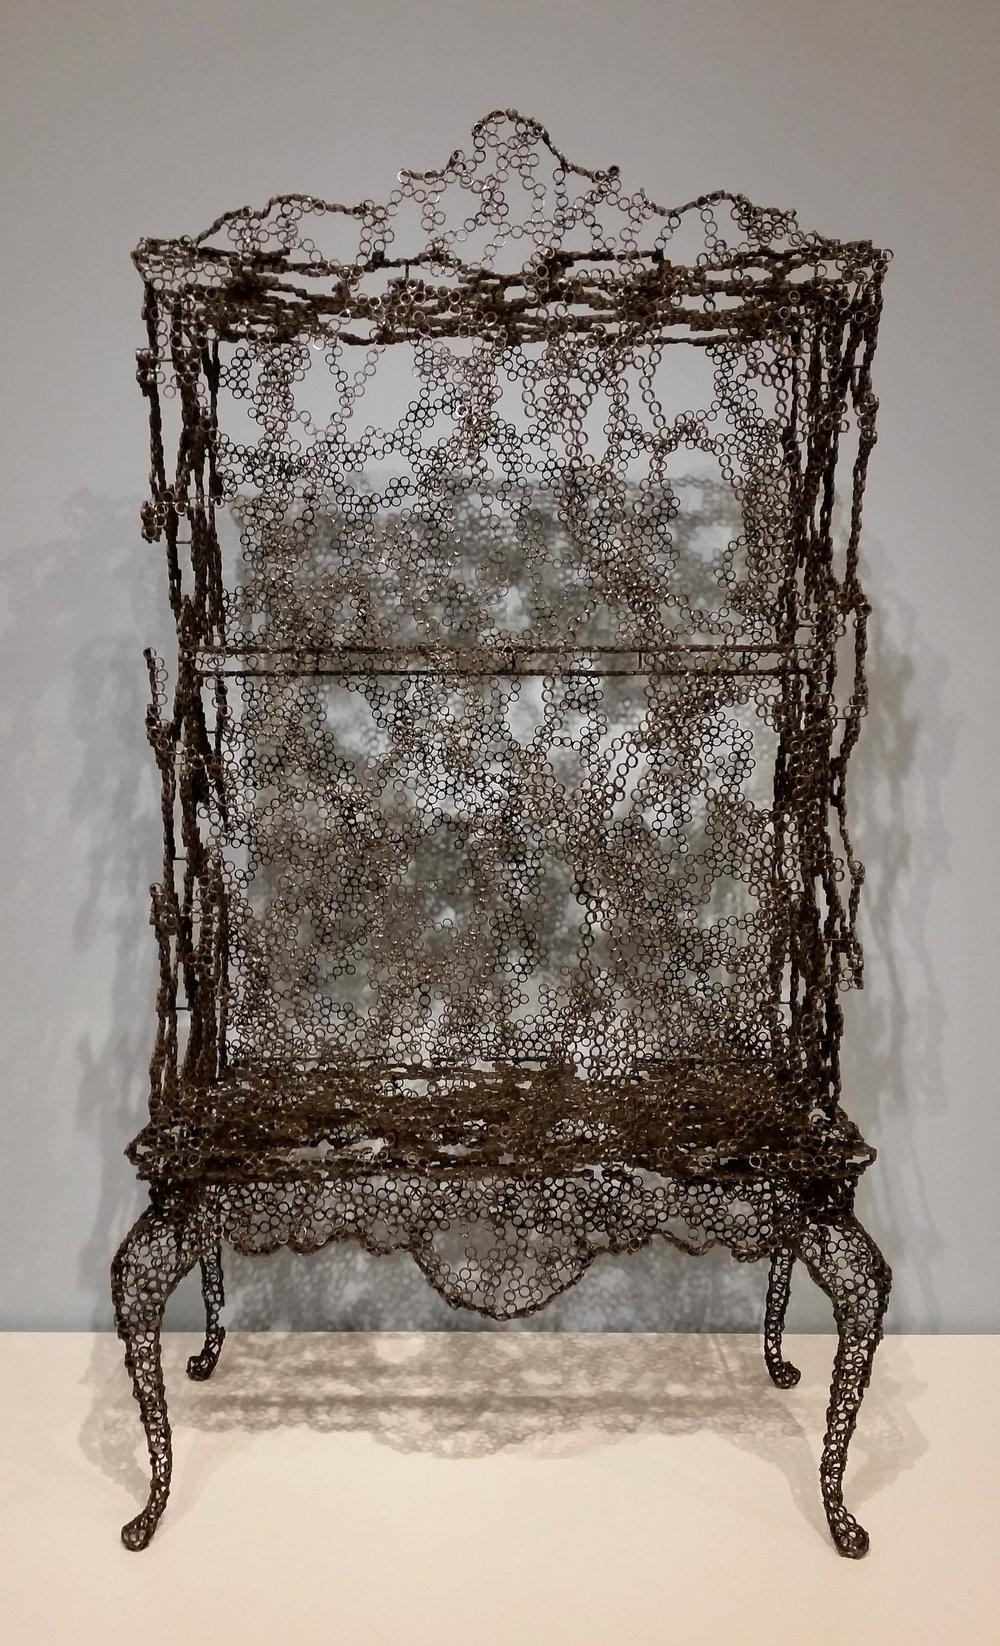 'Cabinet' by Tuomas Markunpoika